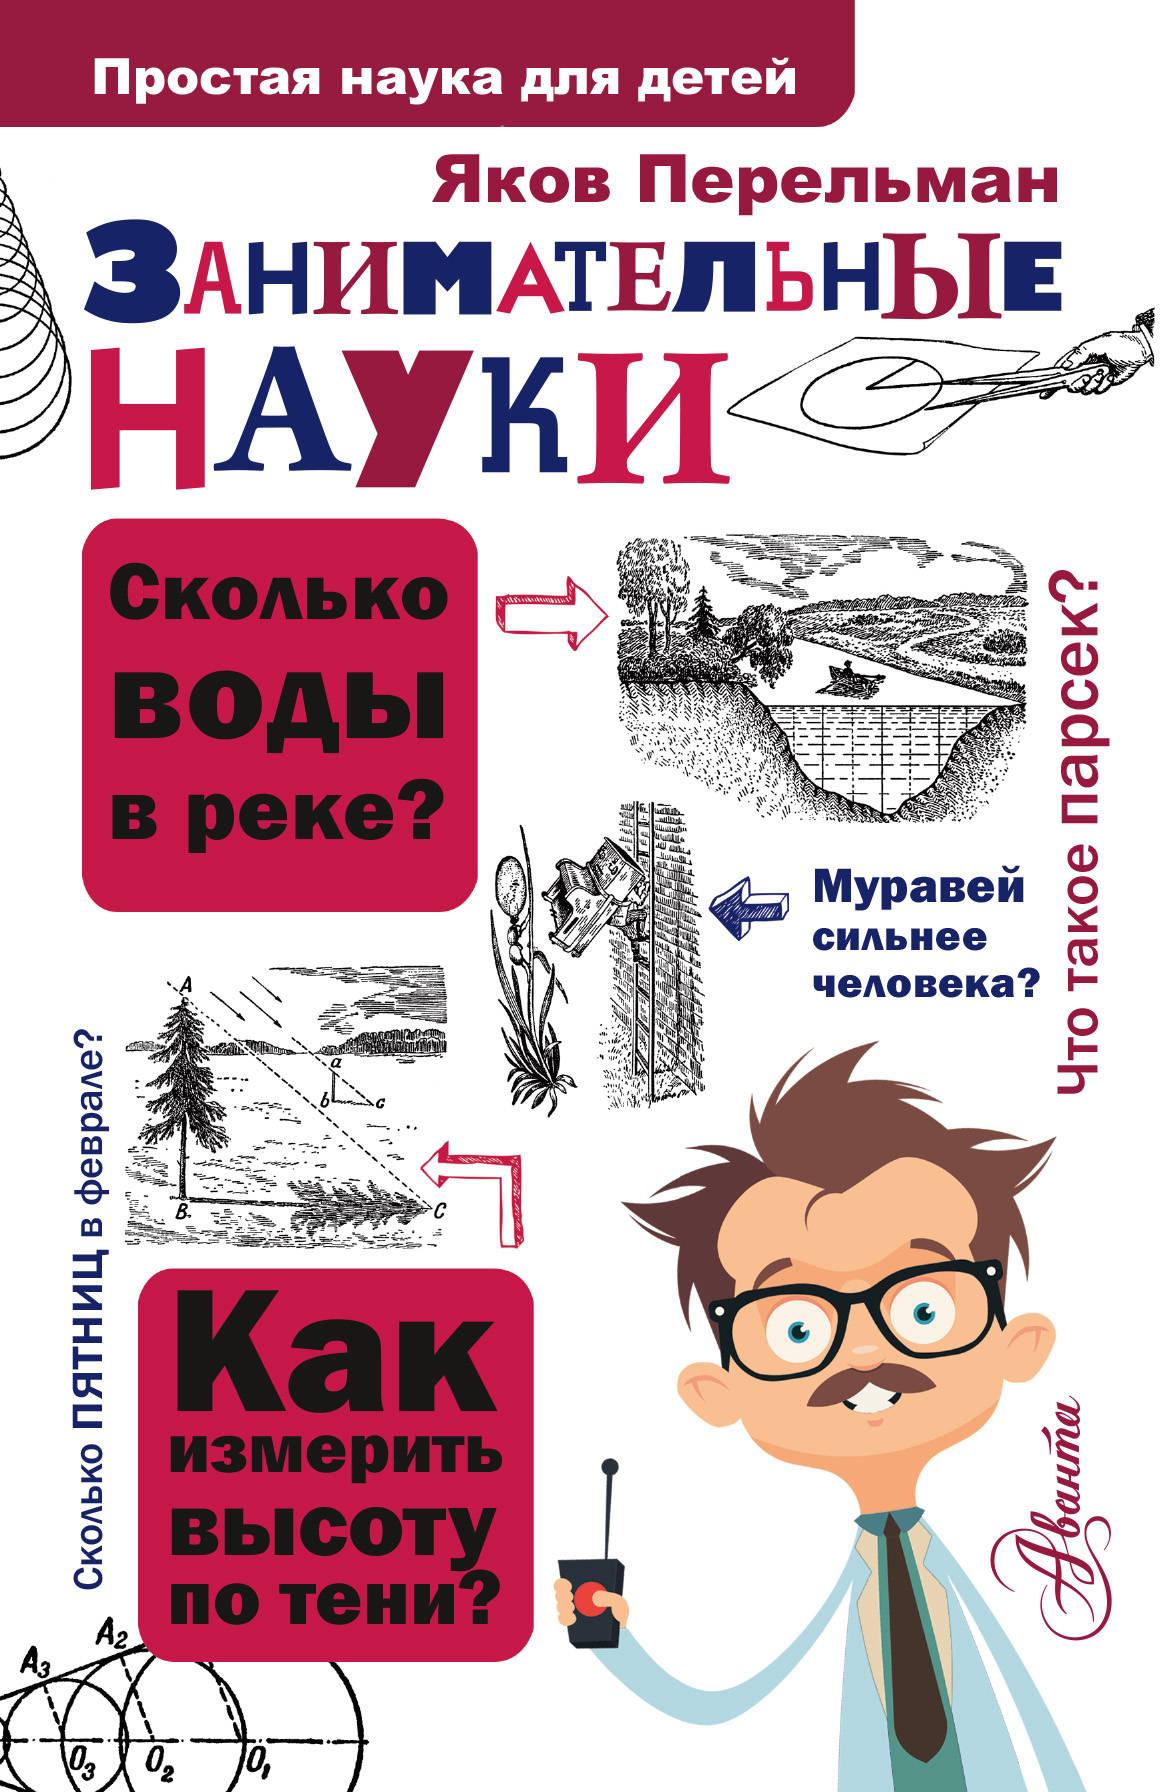 Яков Перельман Занимательные науки издательство аст животные и динозавры